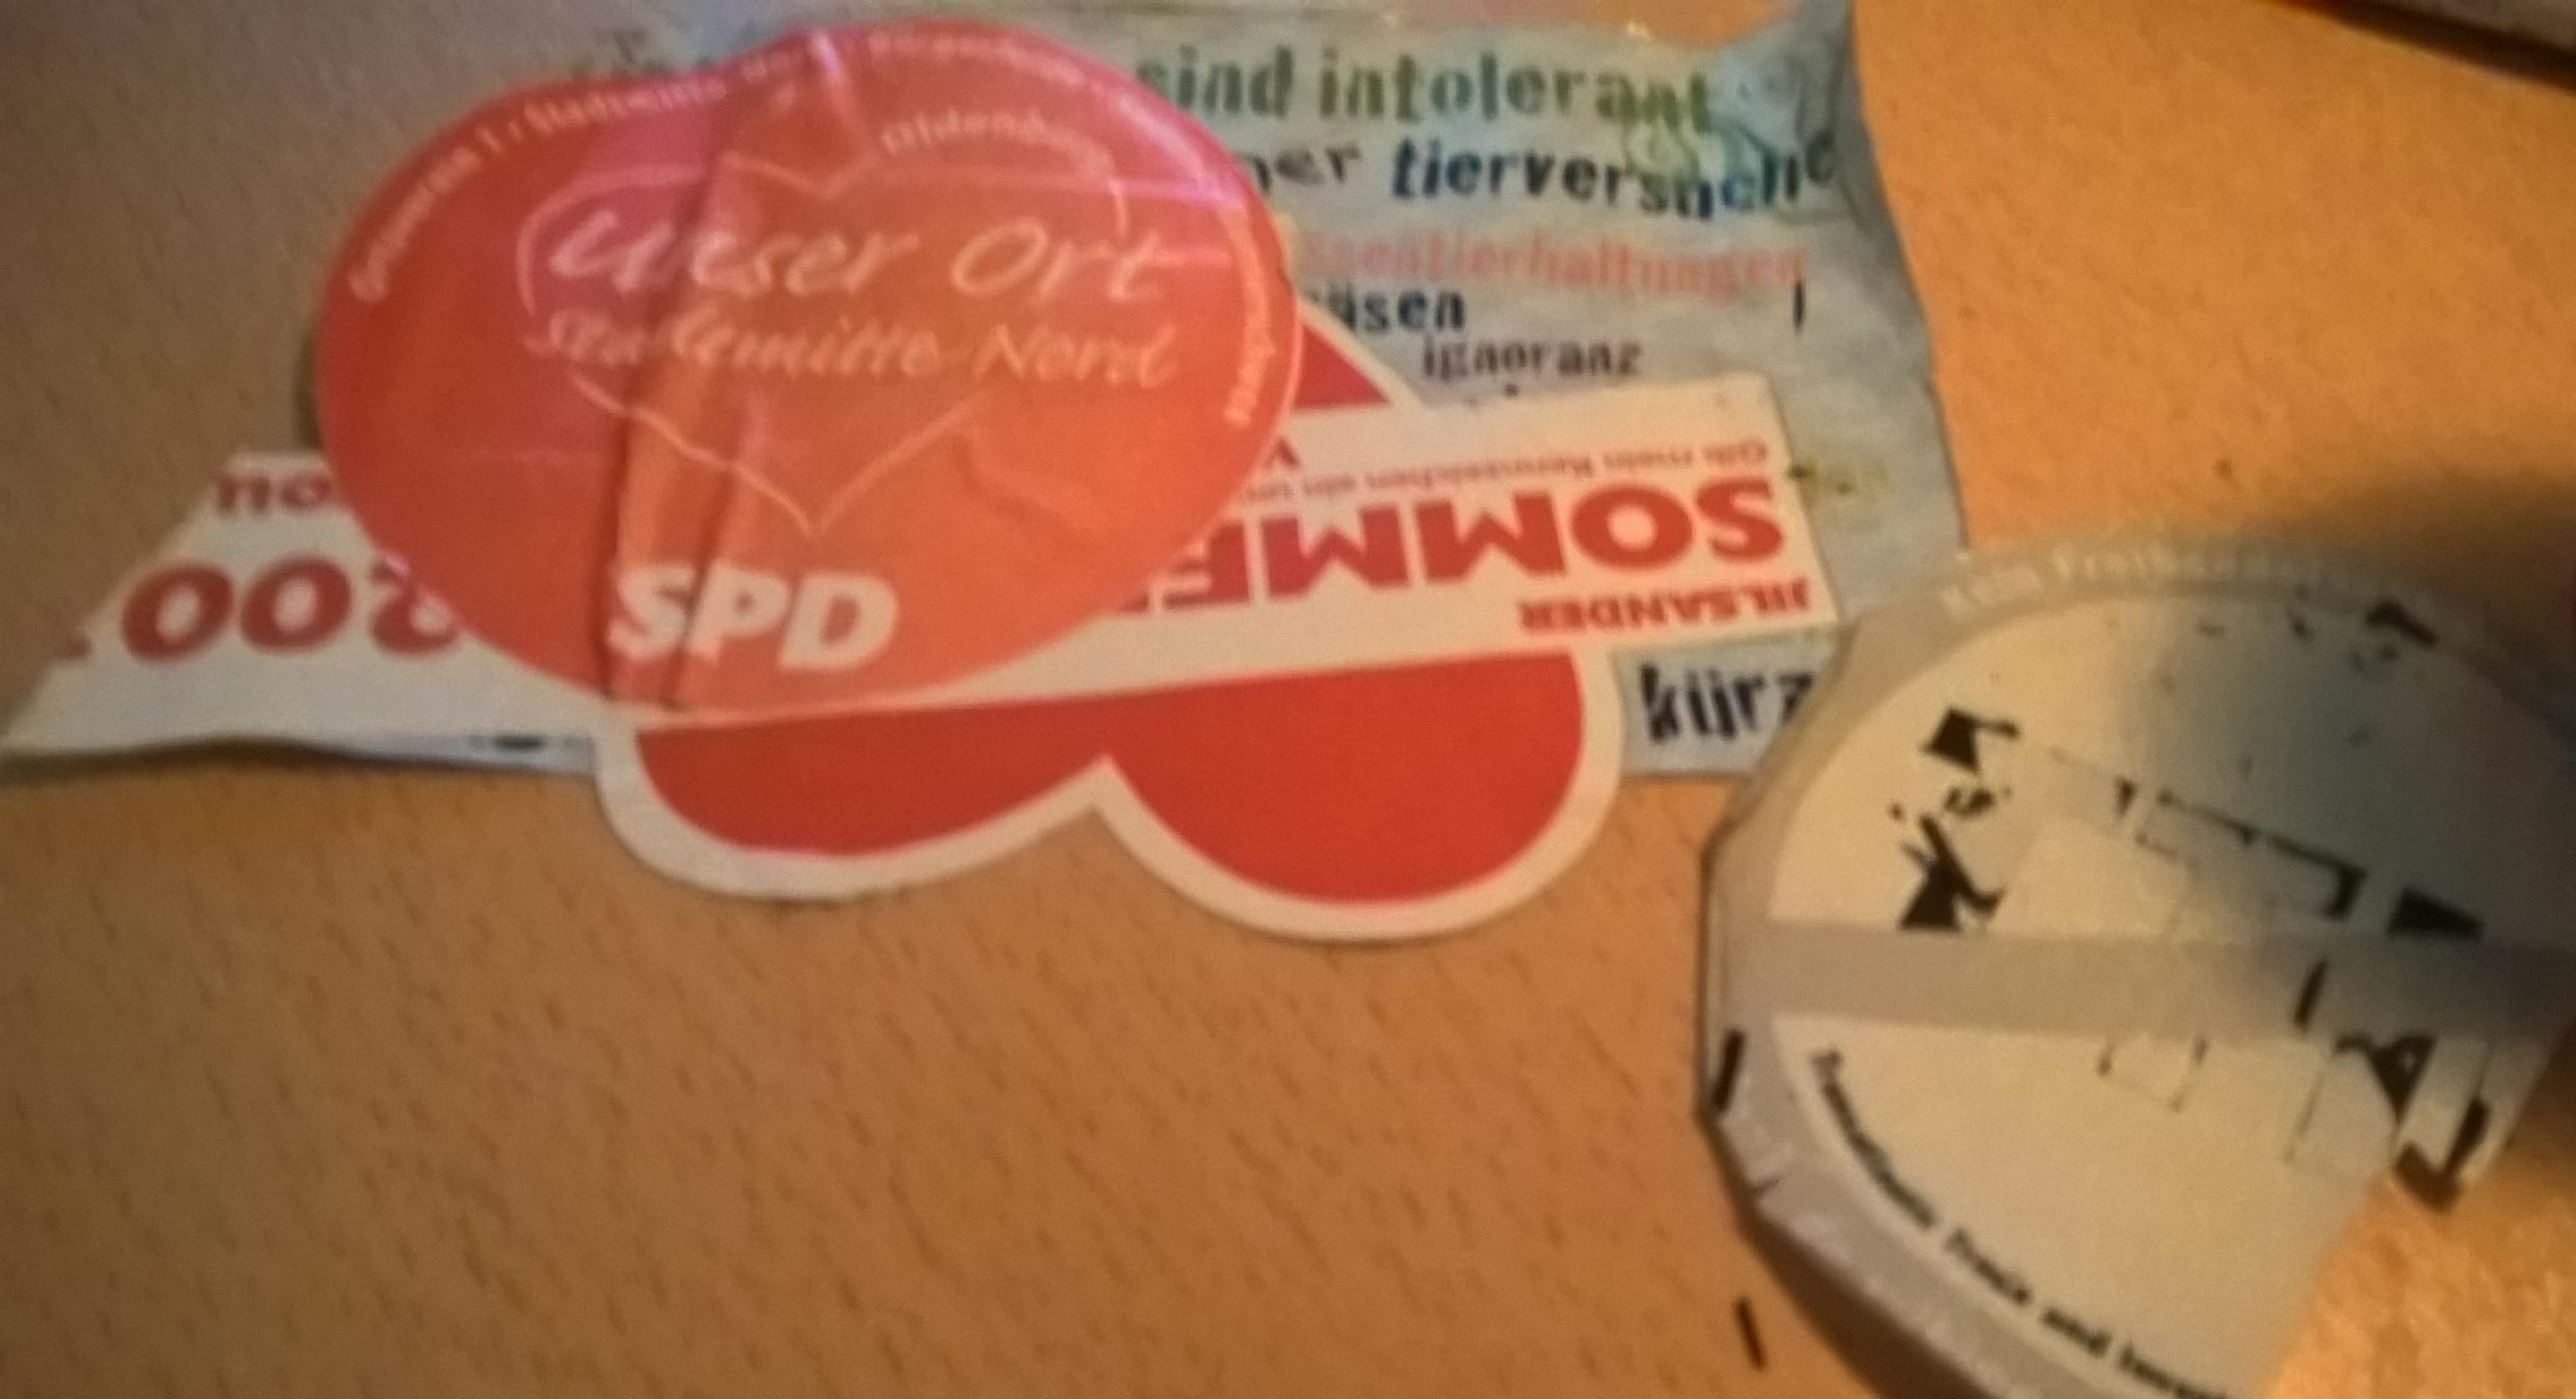 spd-art-live2